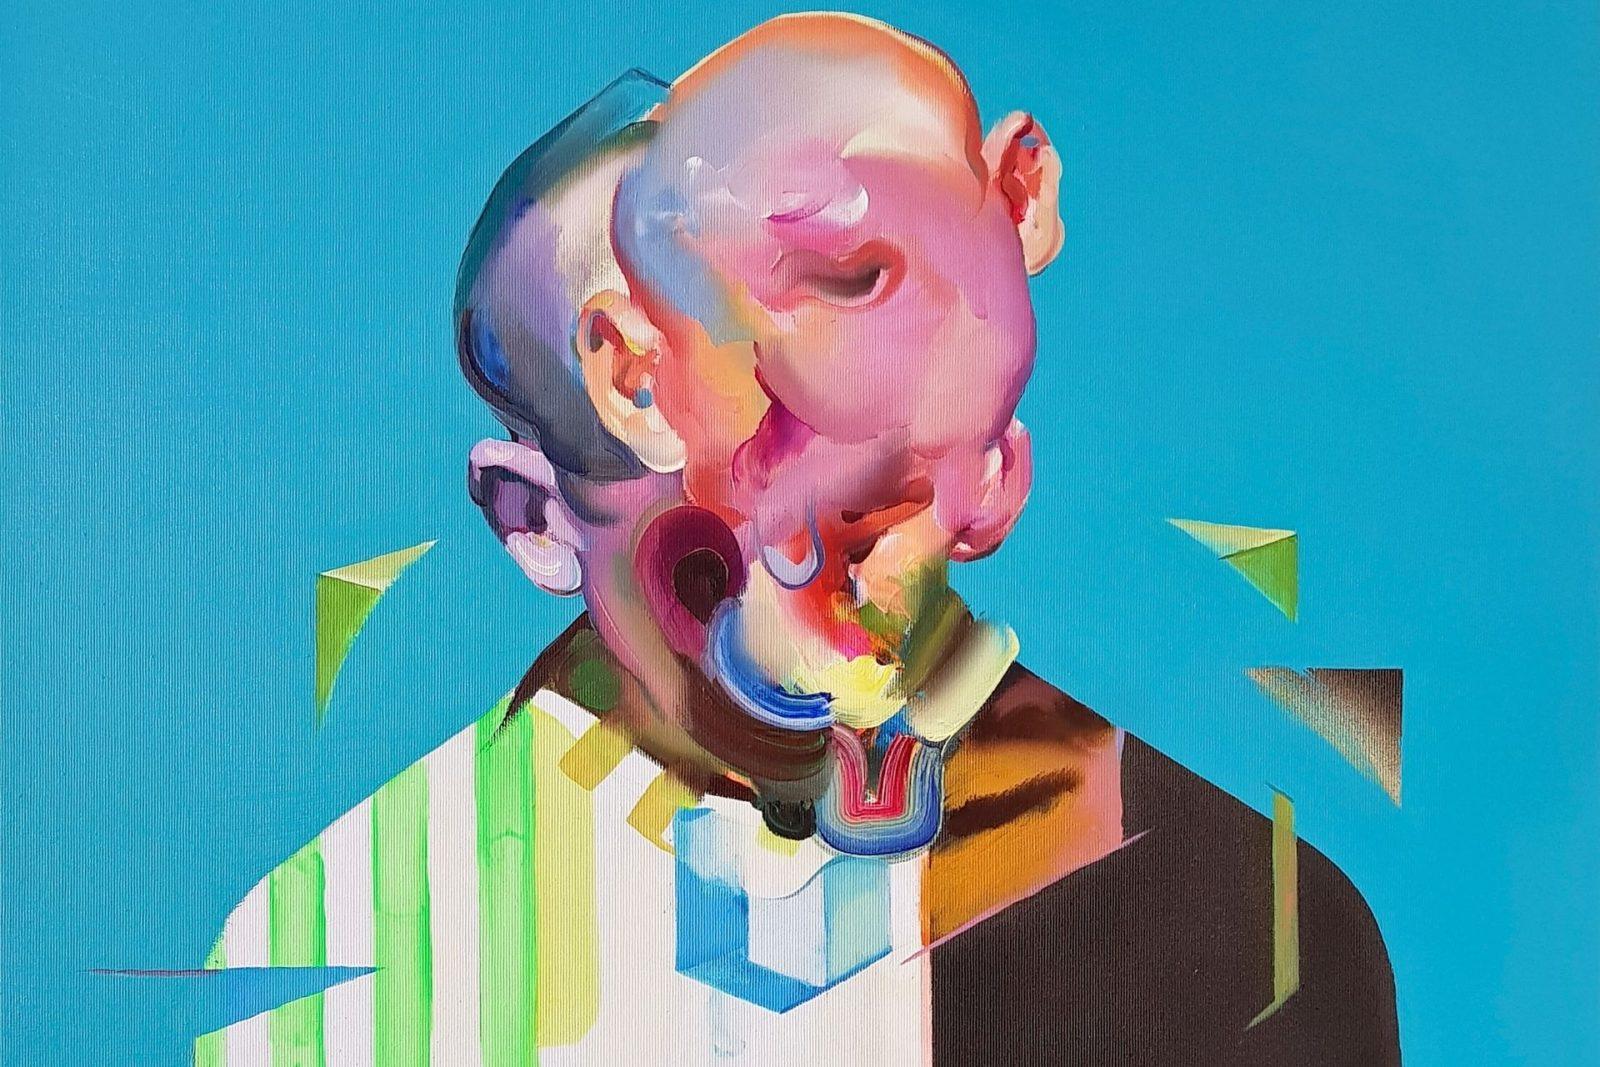 melting face art by Maxim Fomenko